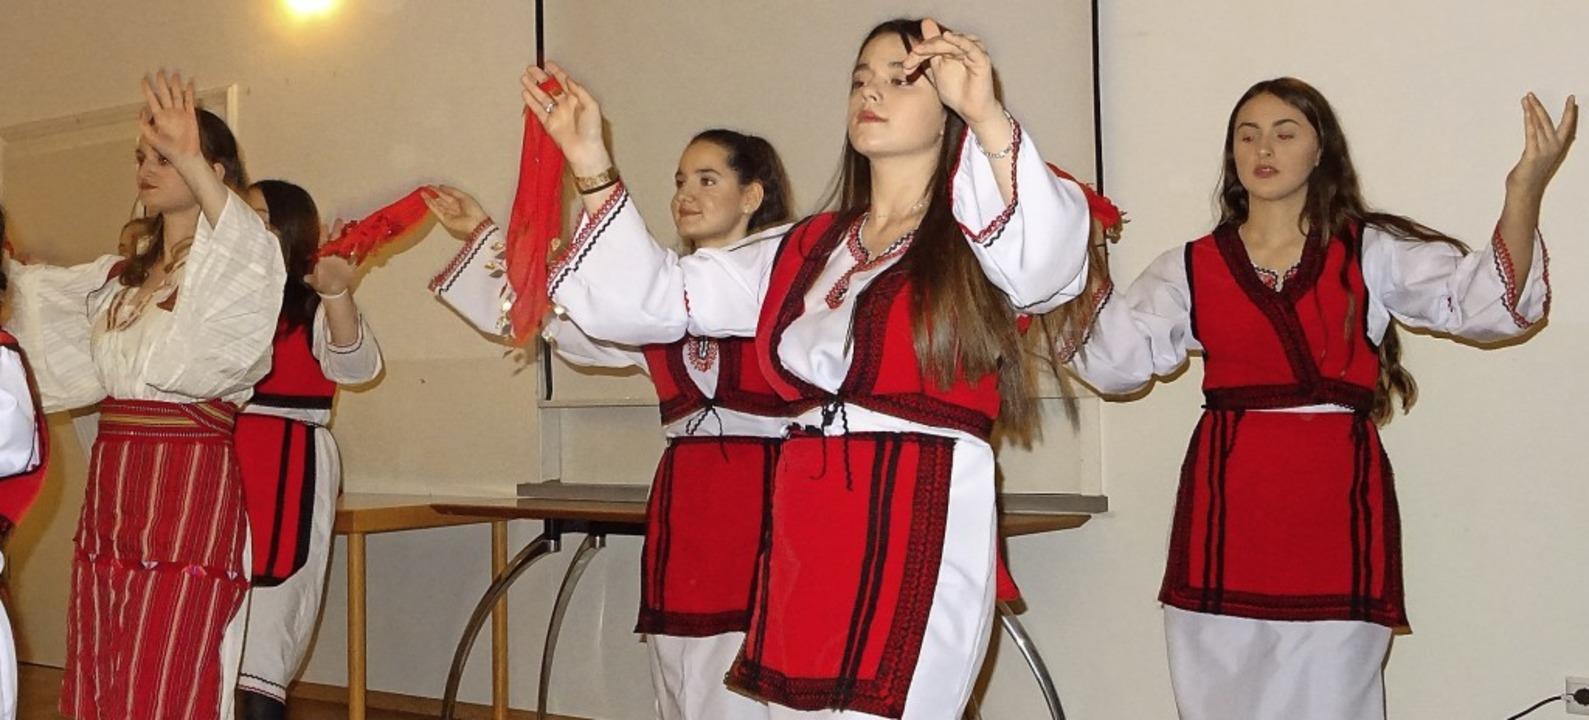 Erstmals präsentiere sich die albanisc...e beim Neujahrsempfang in Friedlingen.    Foto: Yvonne Siemann